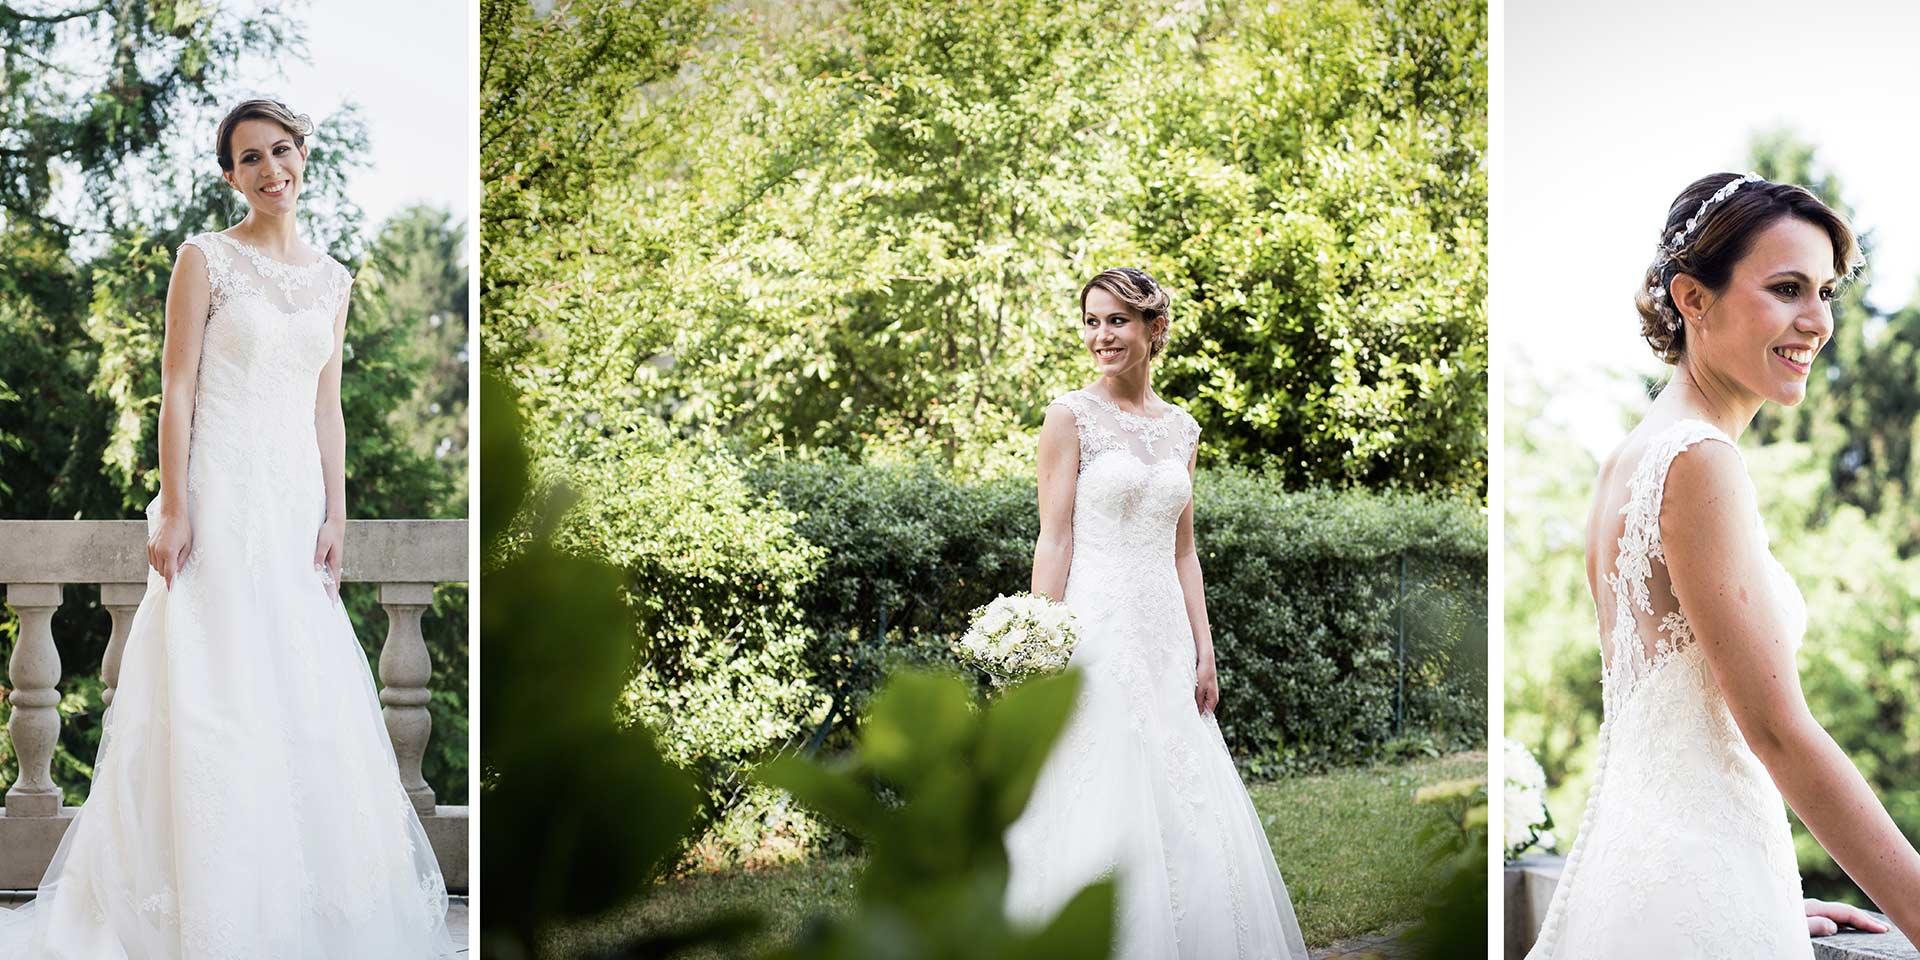 La sposa prima delle nozze